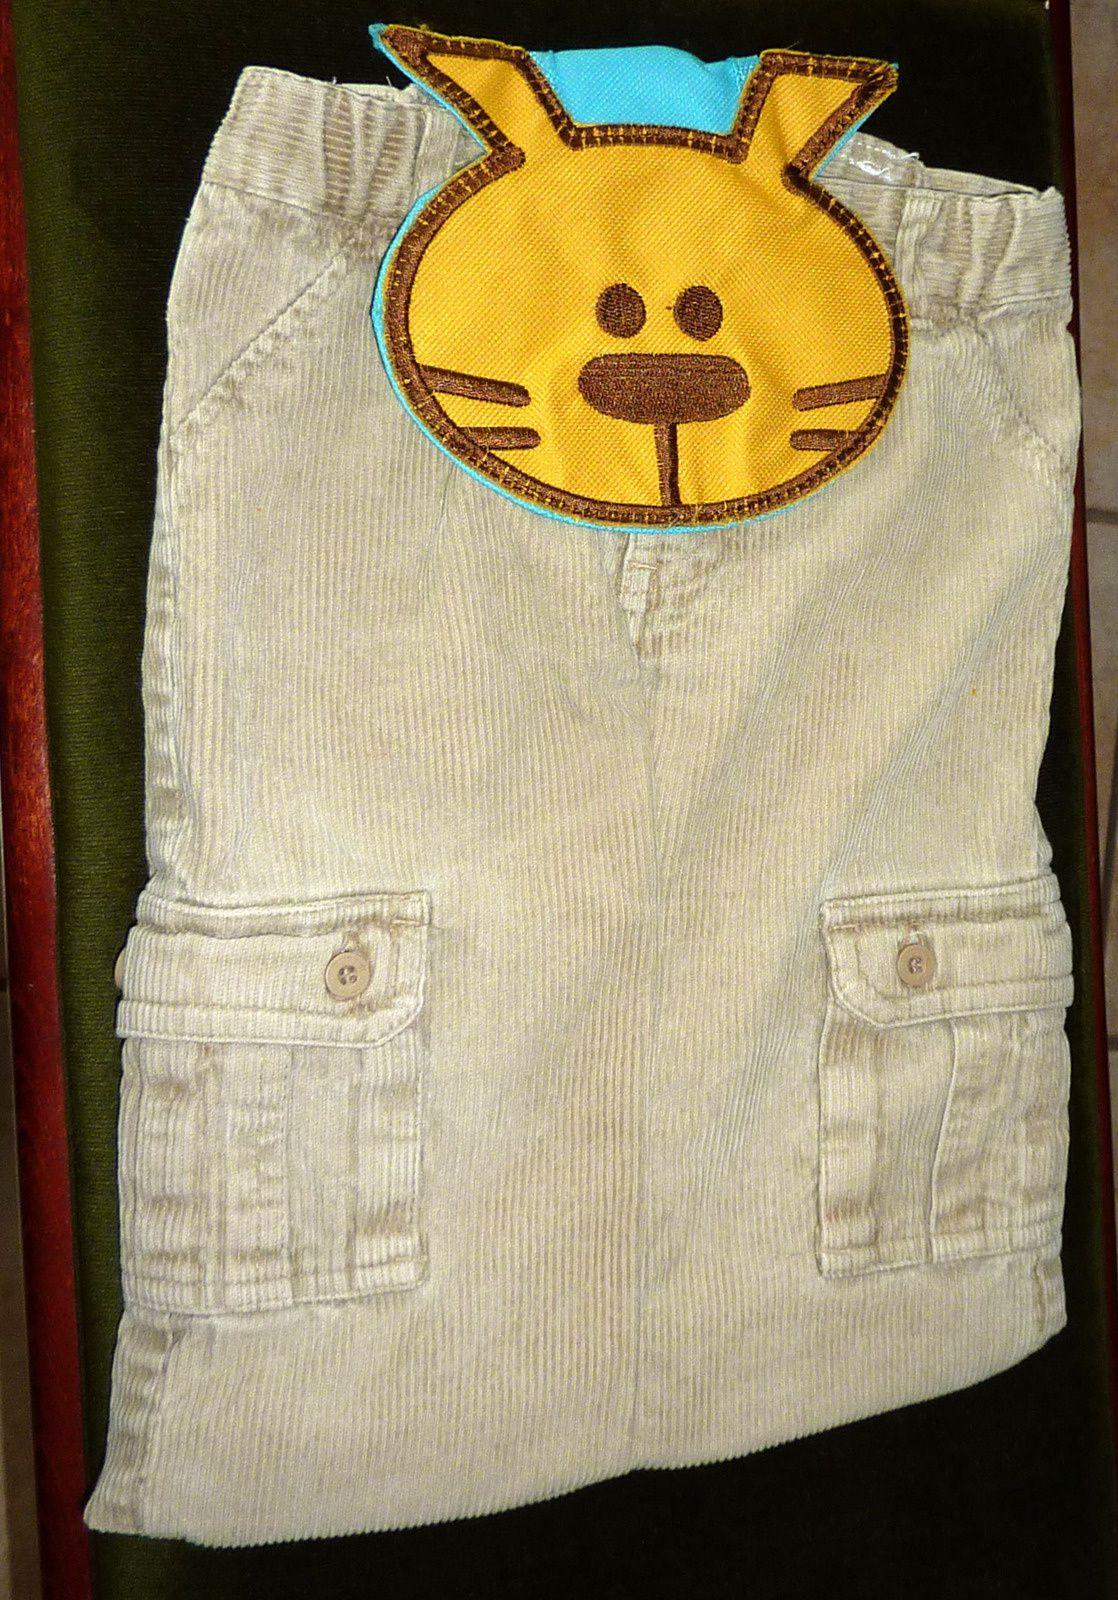 Un pantalon (trop petit) + un vieux sac à dos (pour enfant) = ???